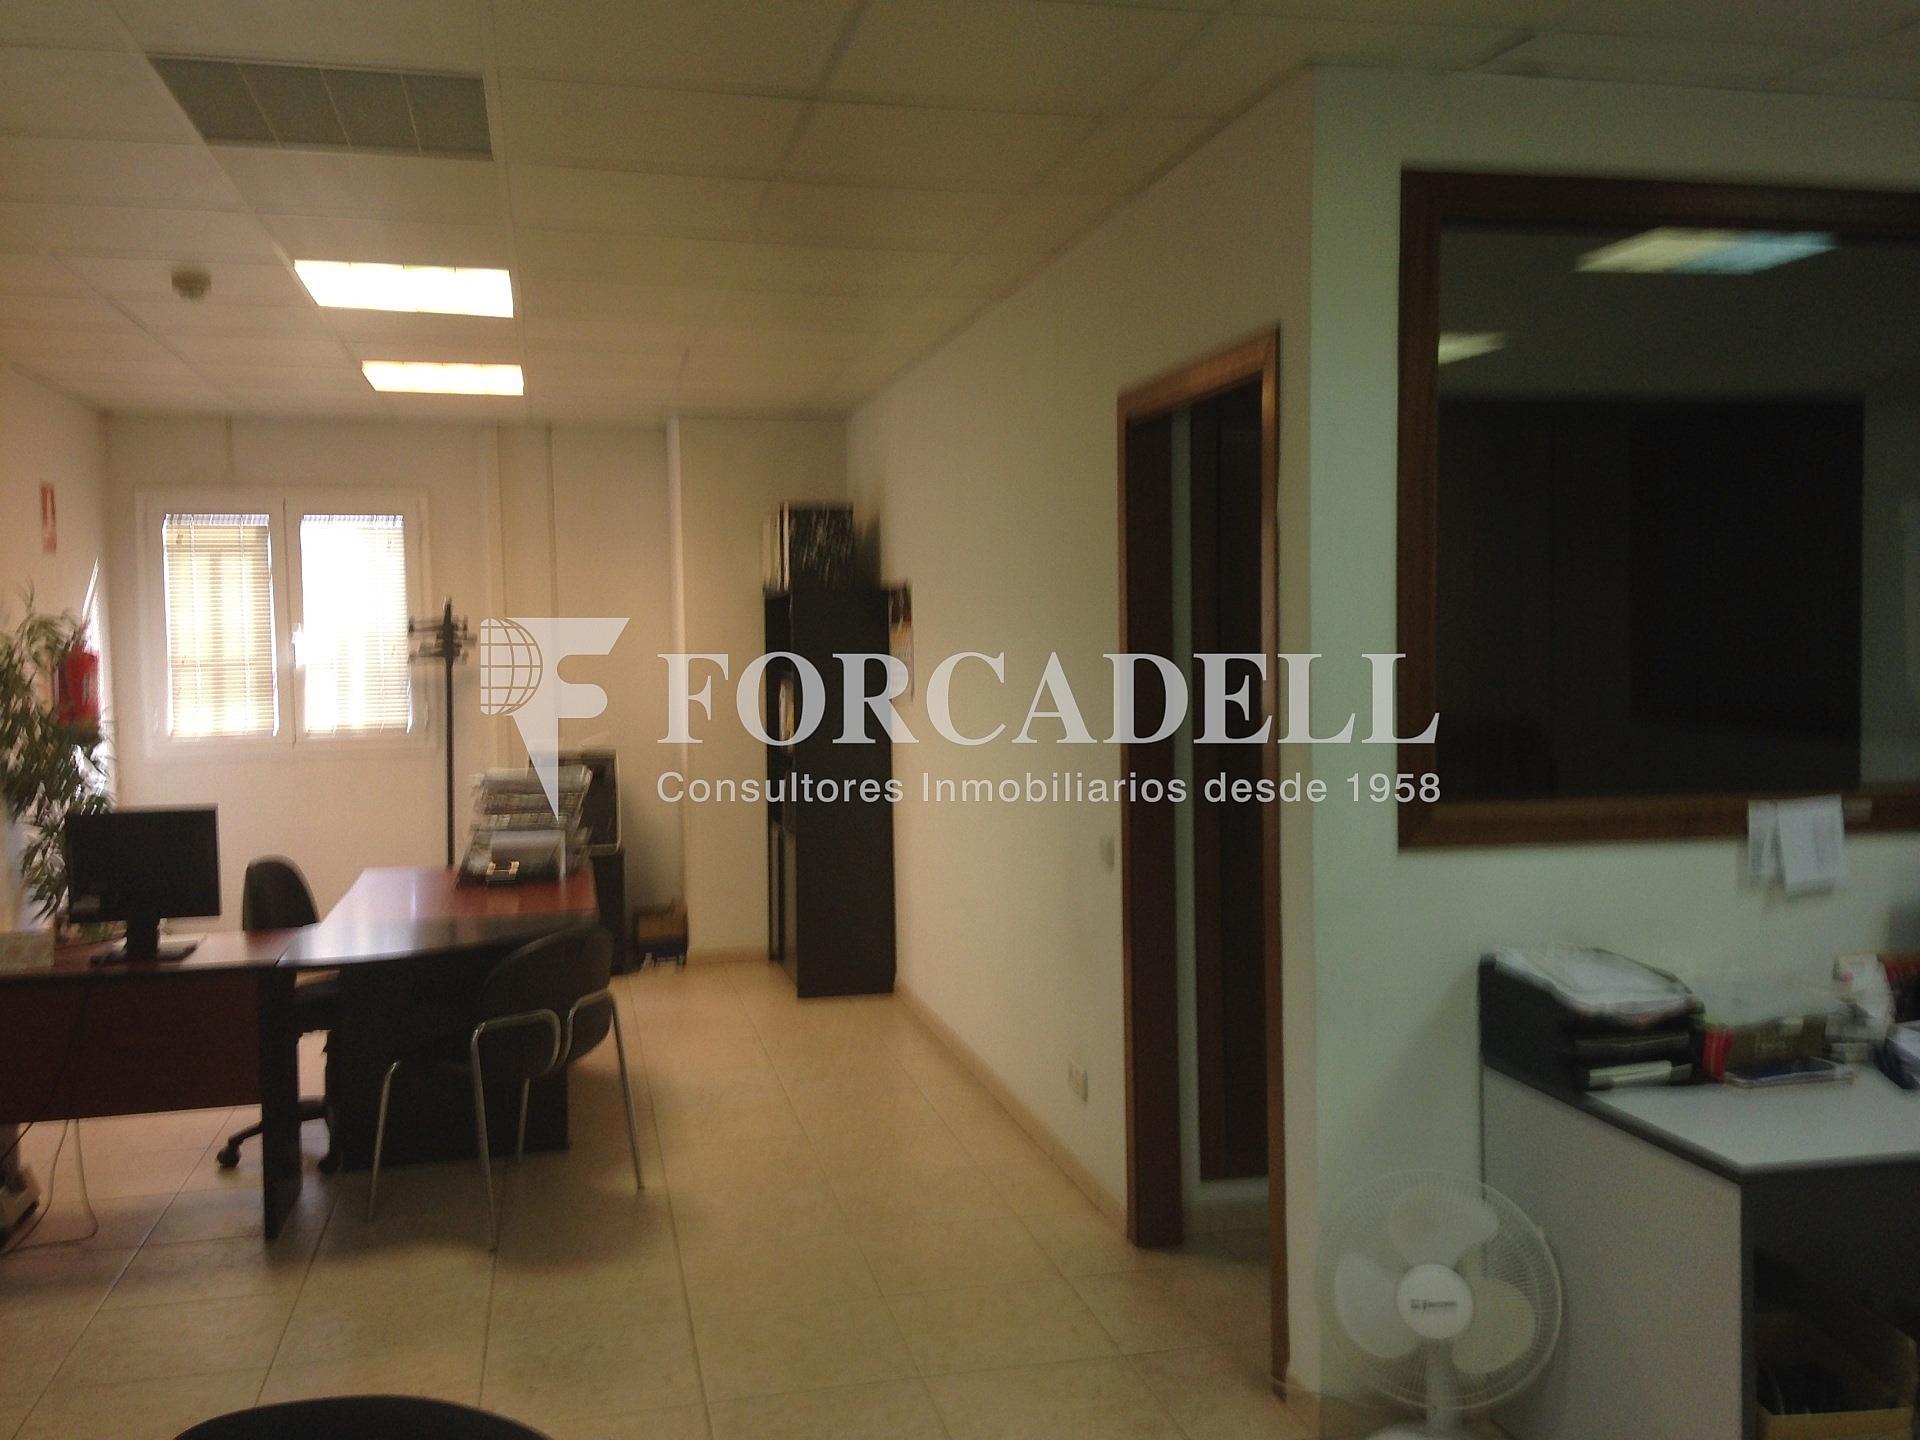 IMG_2279 - Nave industrial en alquiler en calle Acustica, Castellbisbal - 266475165